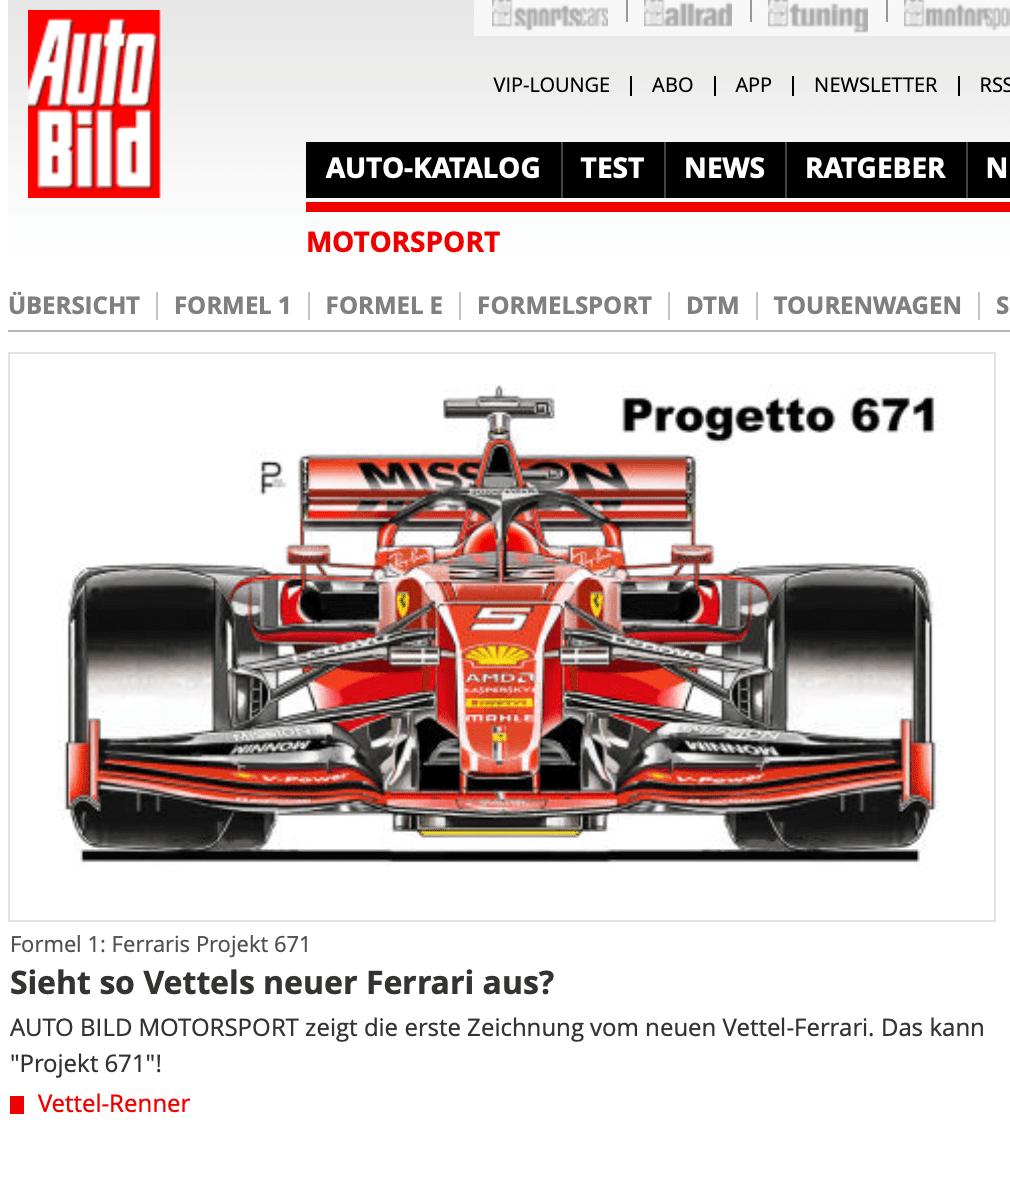 AUTO BILD zeigt Vettels neuen Ferrari